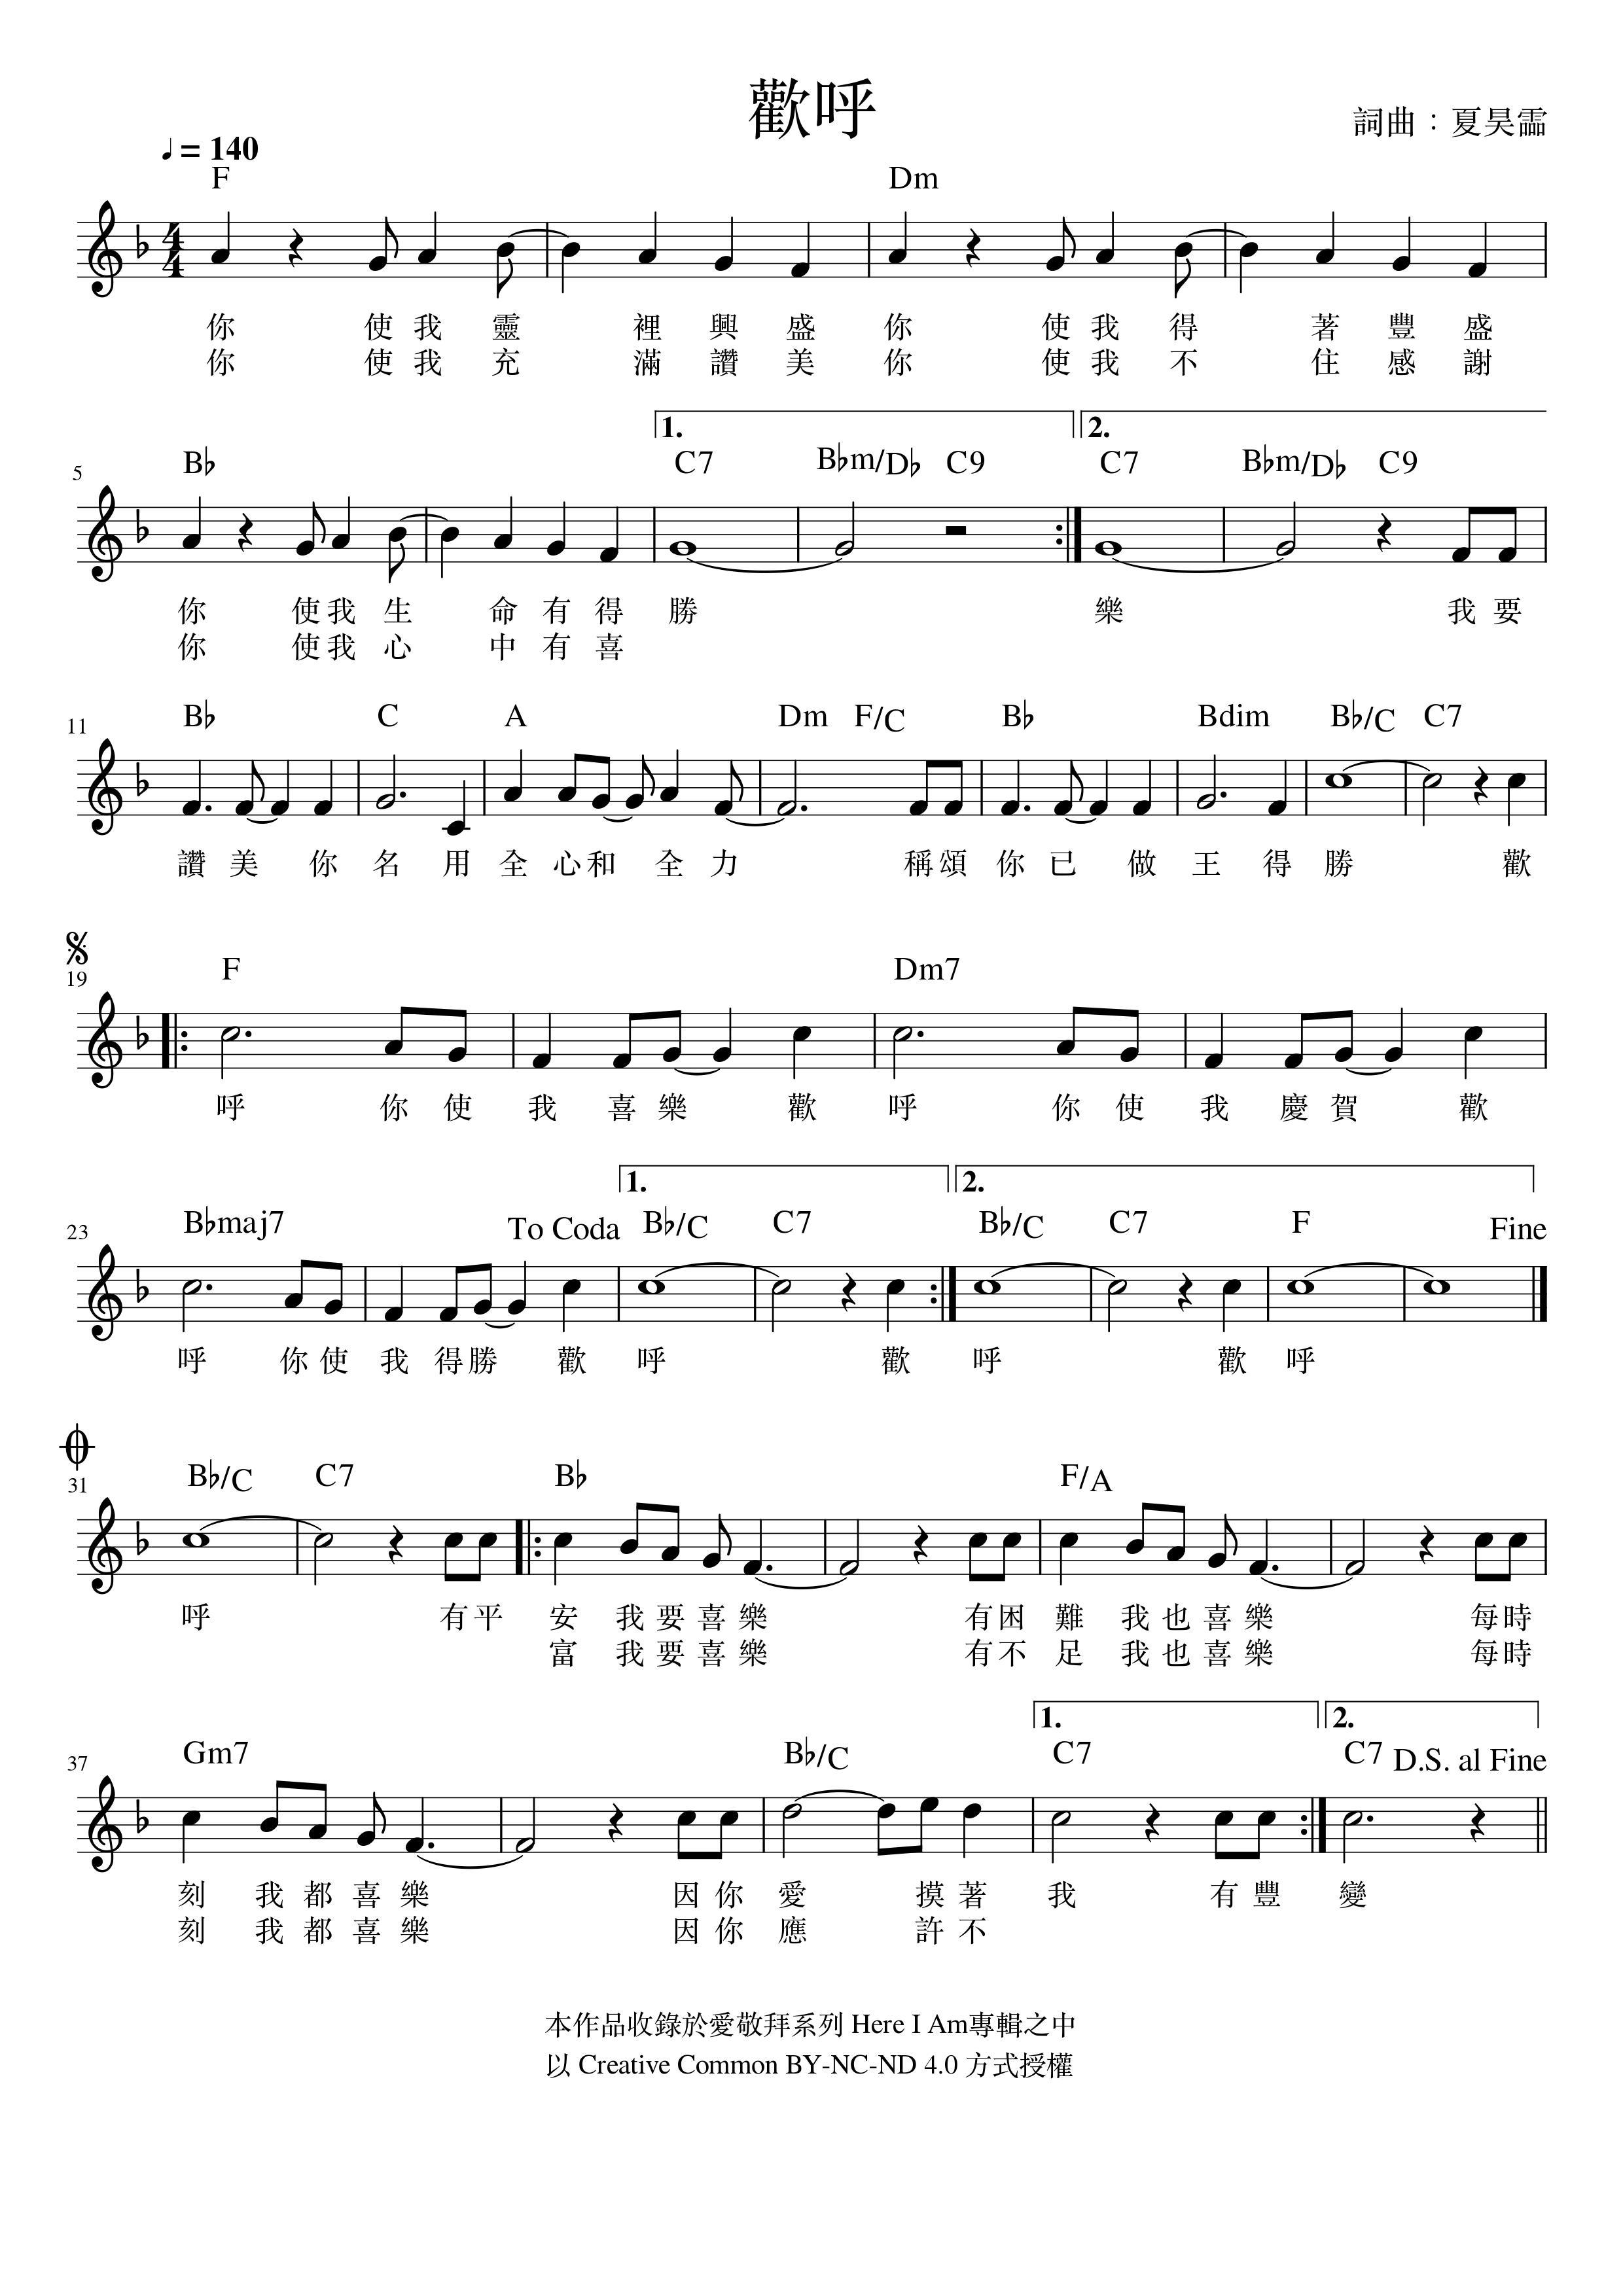 《欢呼 官方和弦五线谱》